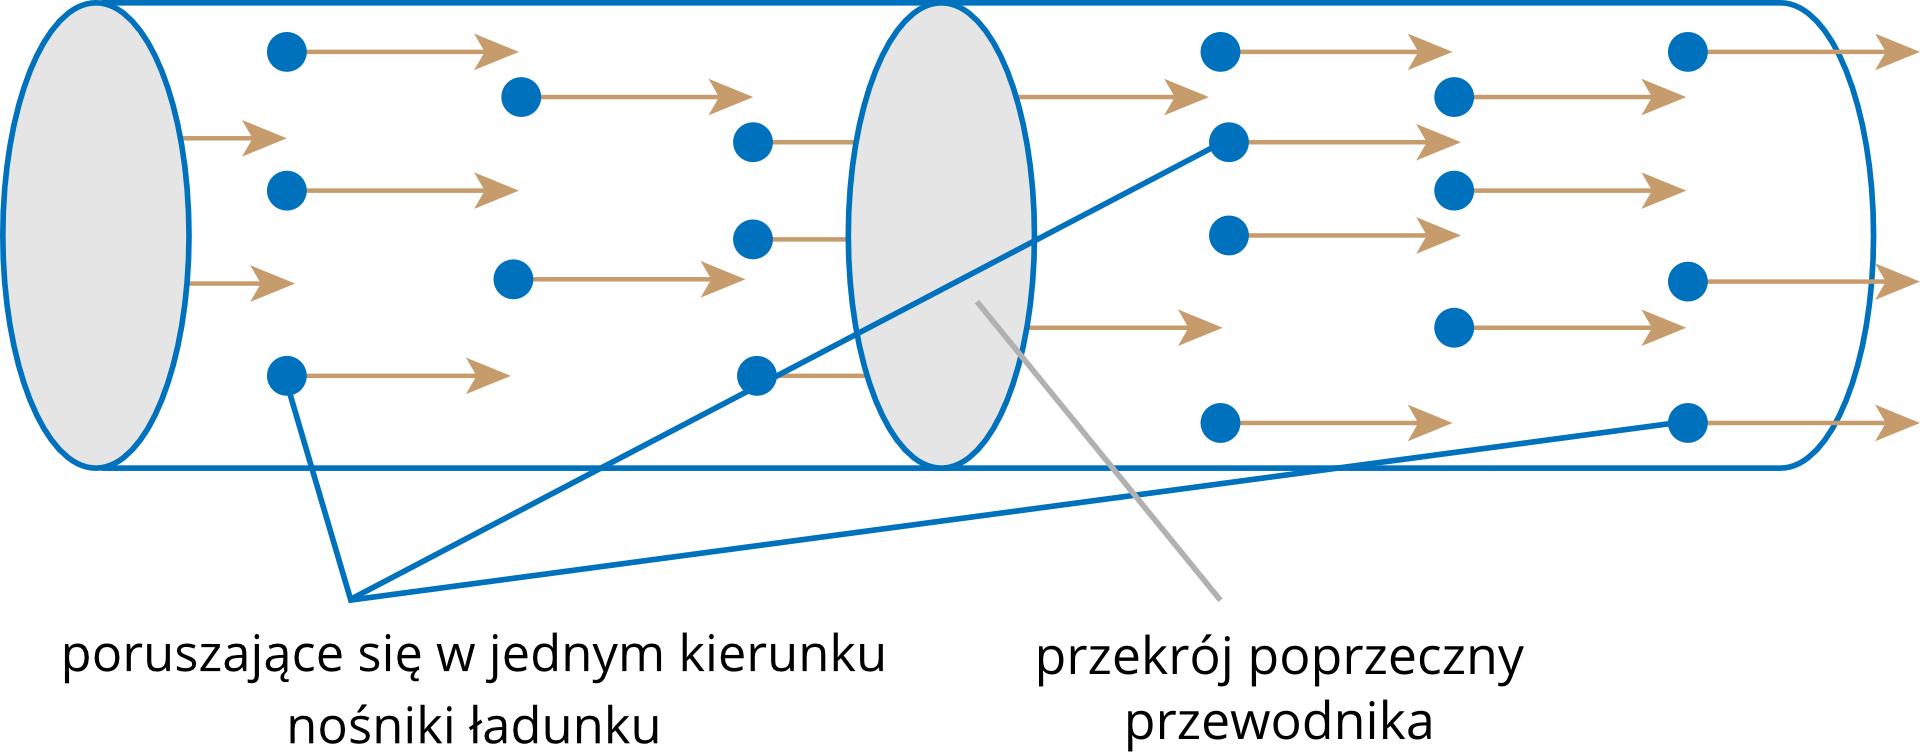 Uproszczony rysunek symbolizujący mikroskopowy obraz prądu elektrycznego